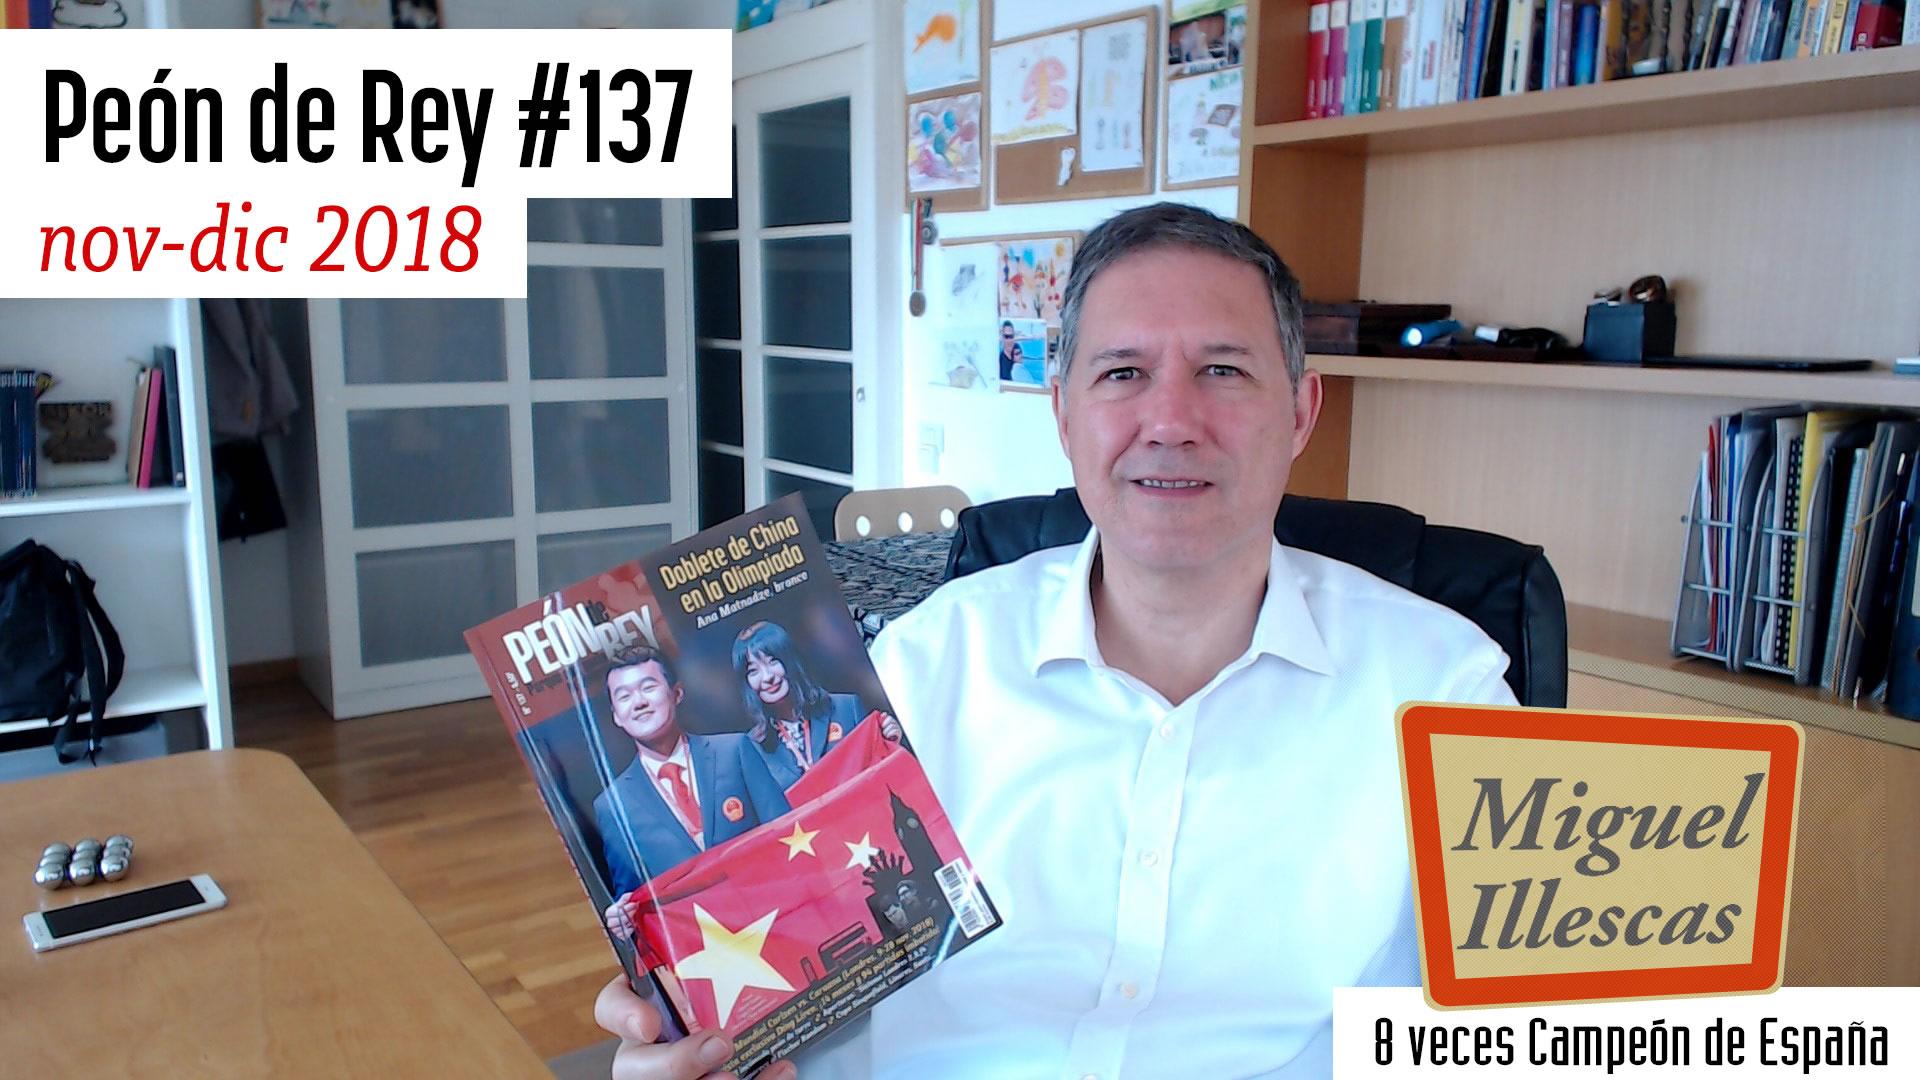 Peón de Rey nº 137 (nov-dic 2018) GM Miguel Illescas